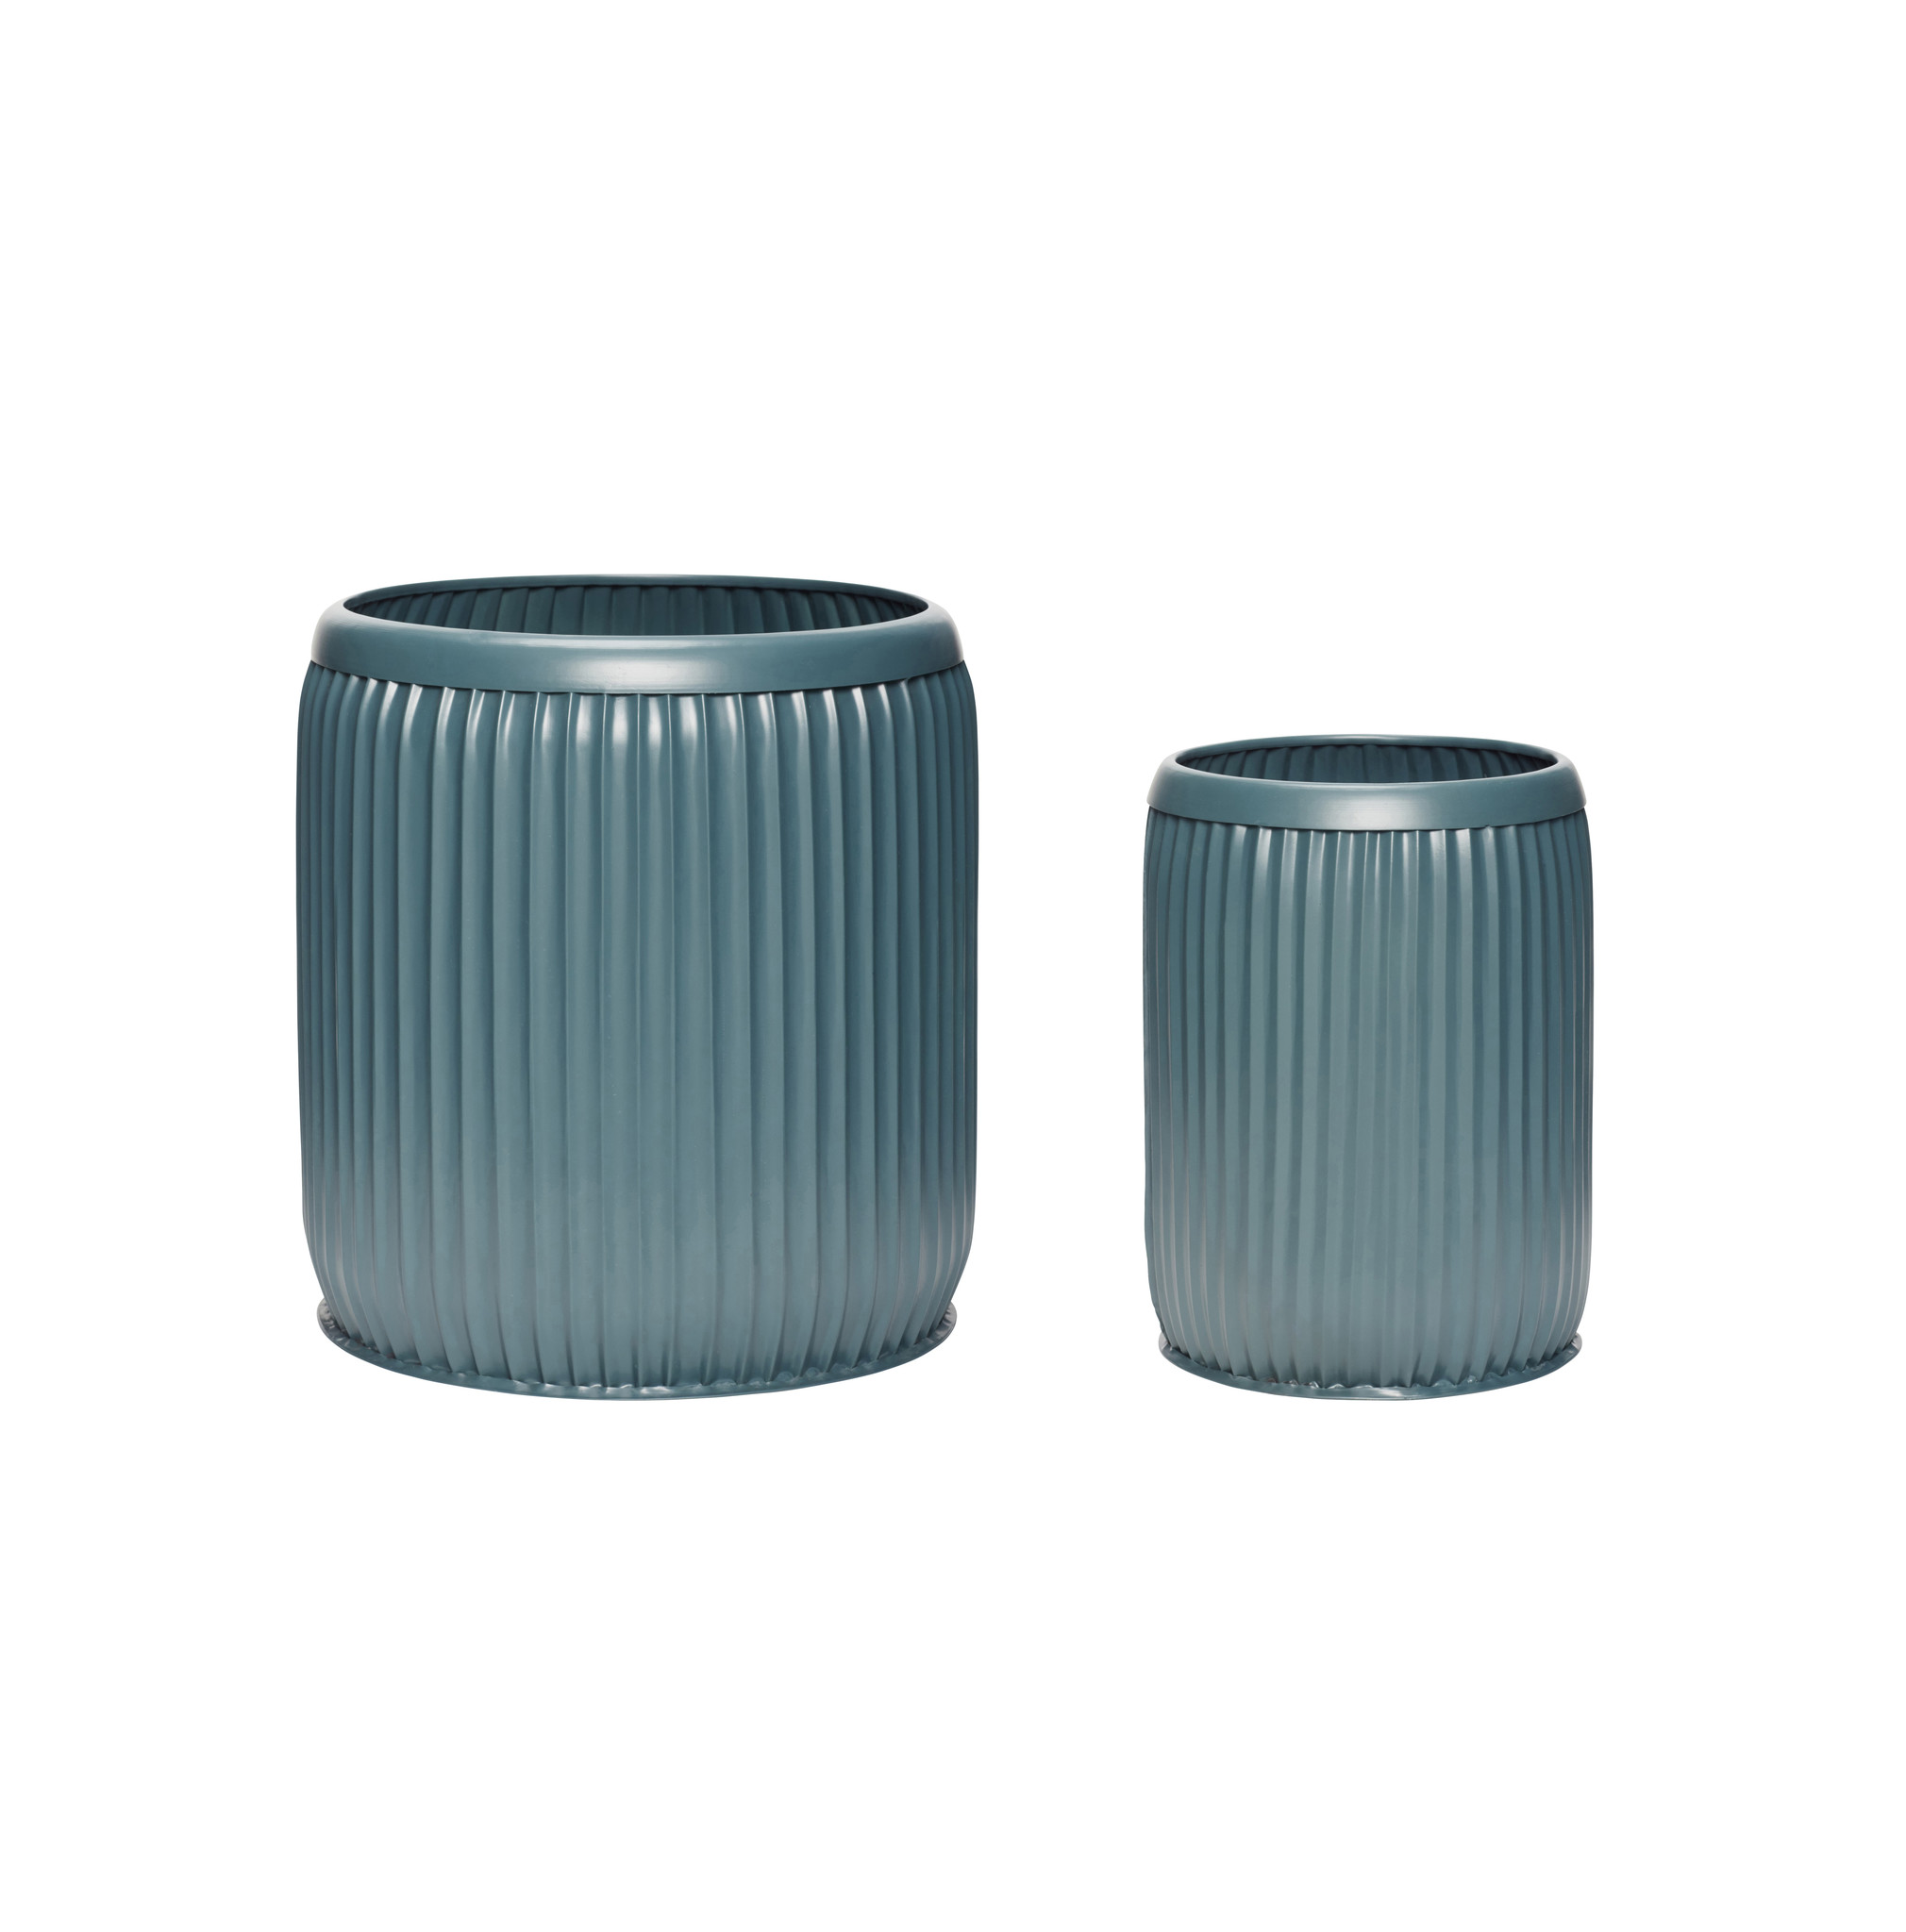 Hubsch Pot, metaal, donkergroen, set van 2-390802-5712772067697